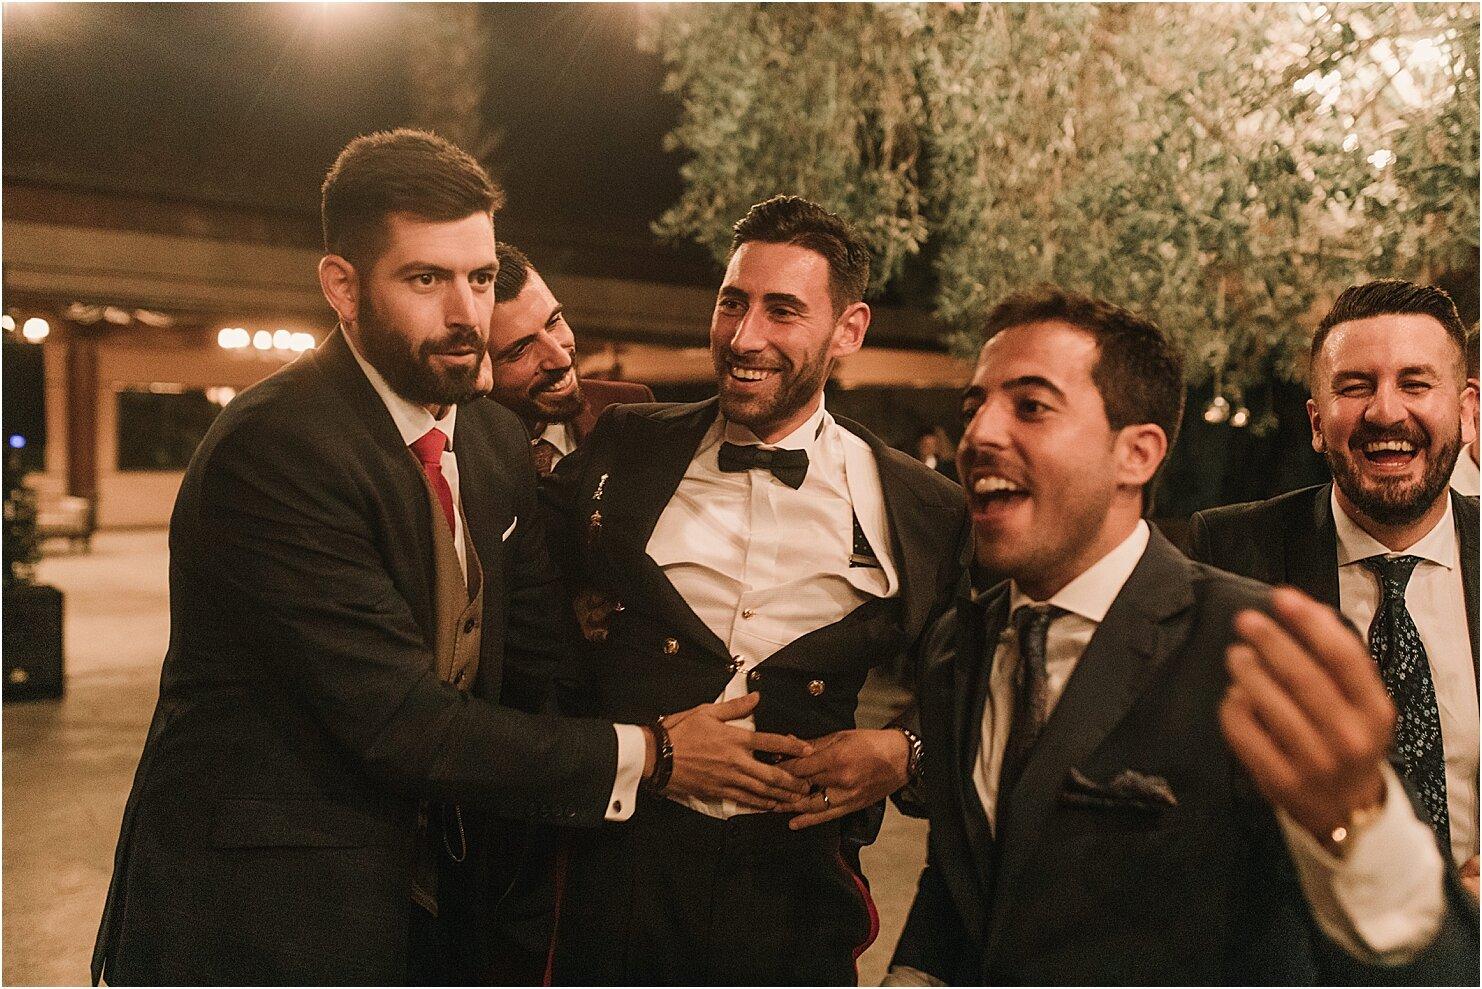 boda-romantica-boda-boho-vestido-de-novia-laura-lomas59.jpg